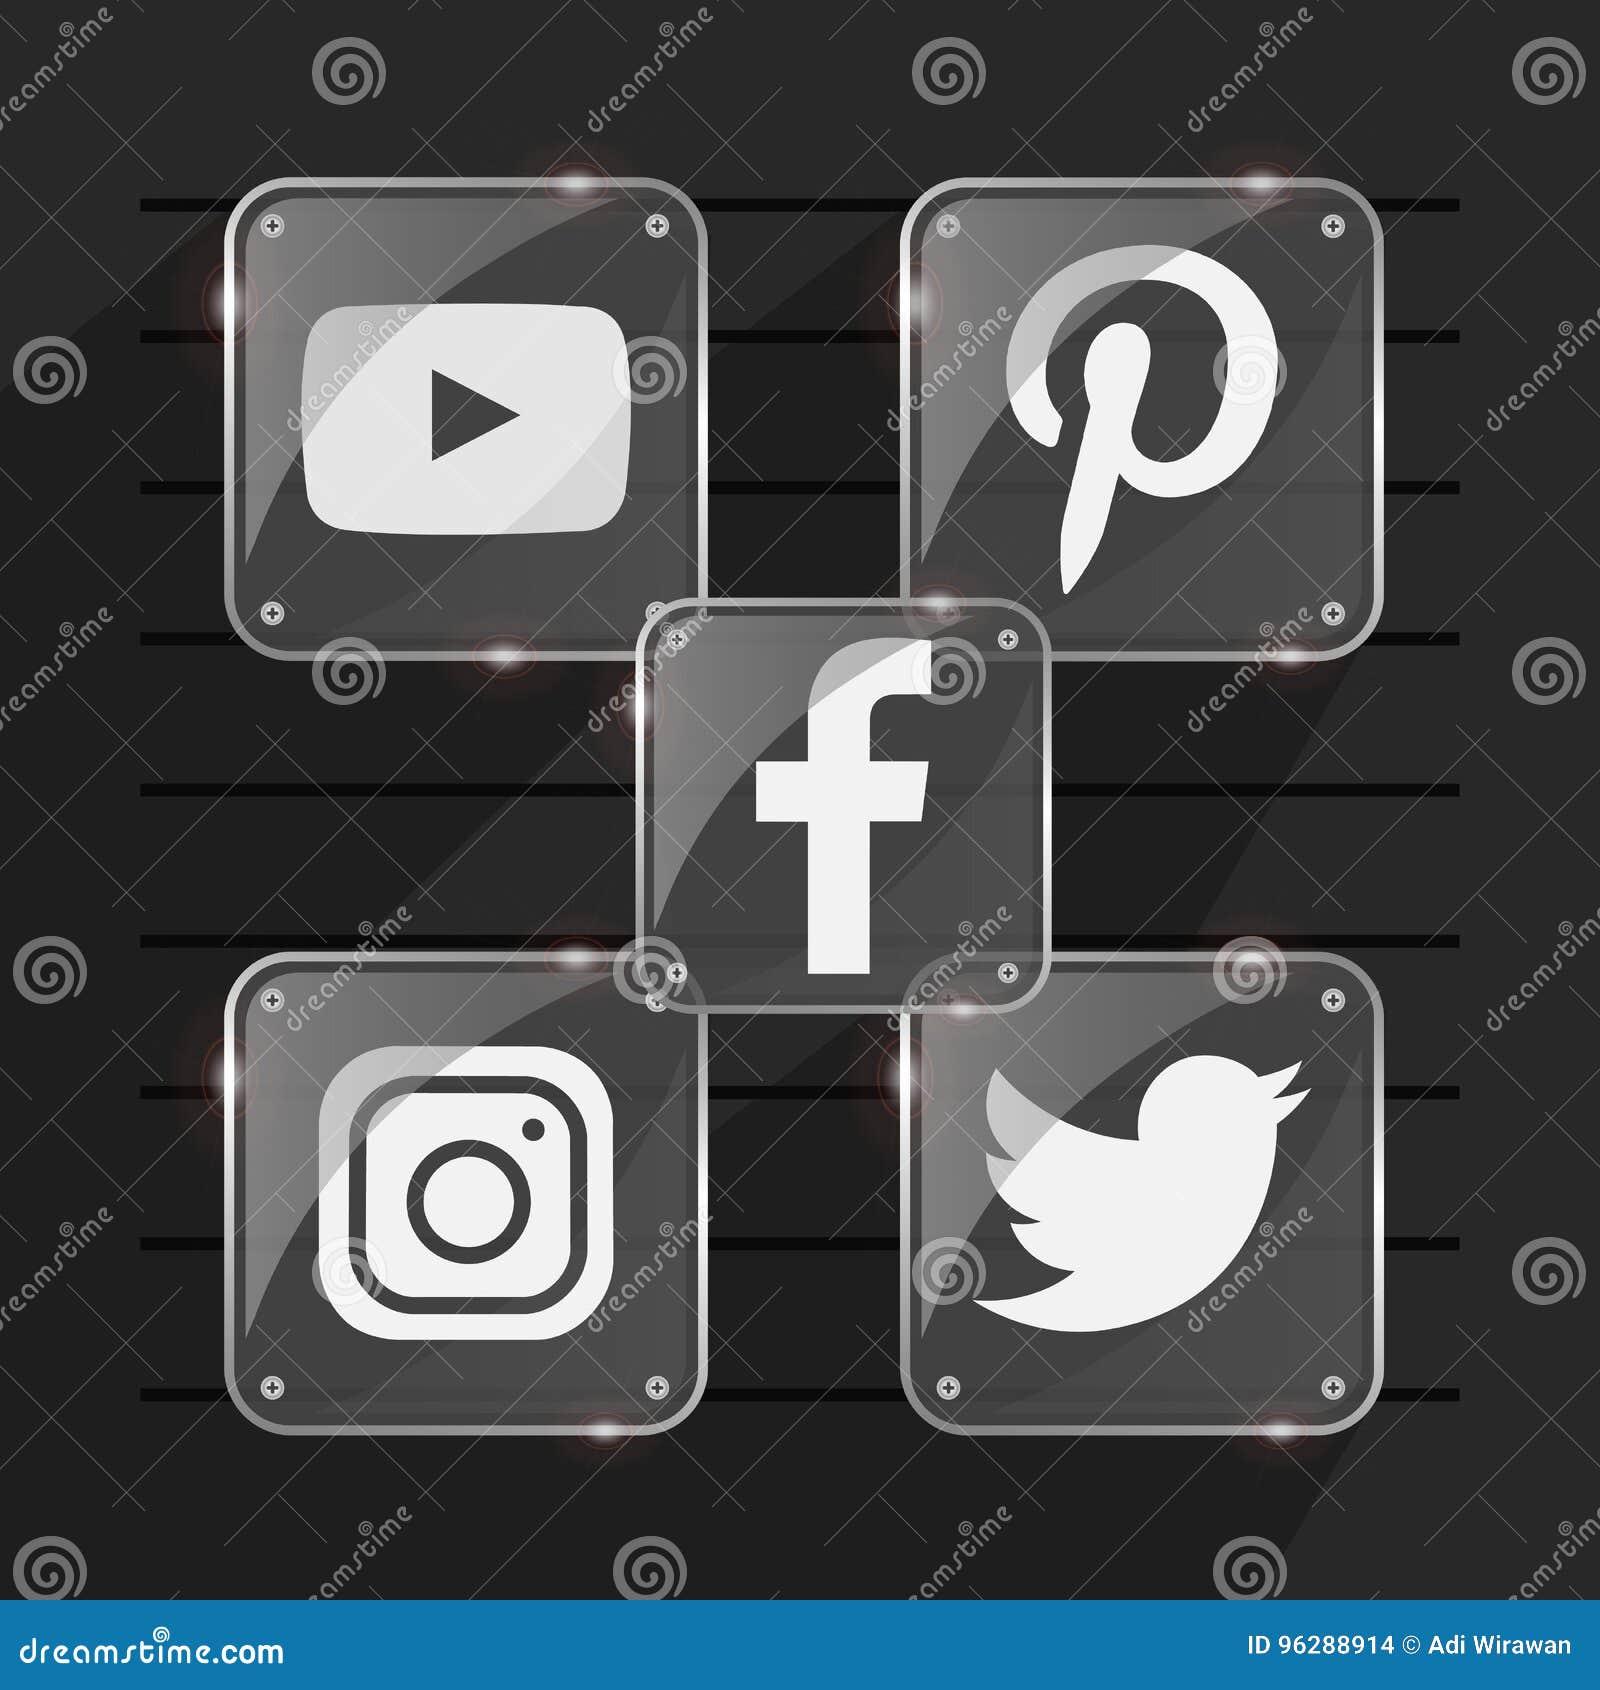 Transparent Popular Social Media Shiny Logo Facebook Twitter